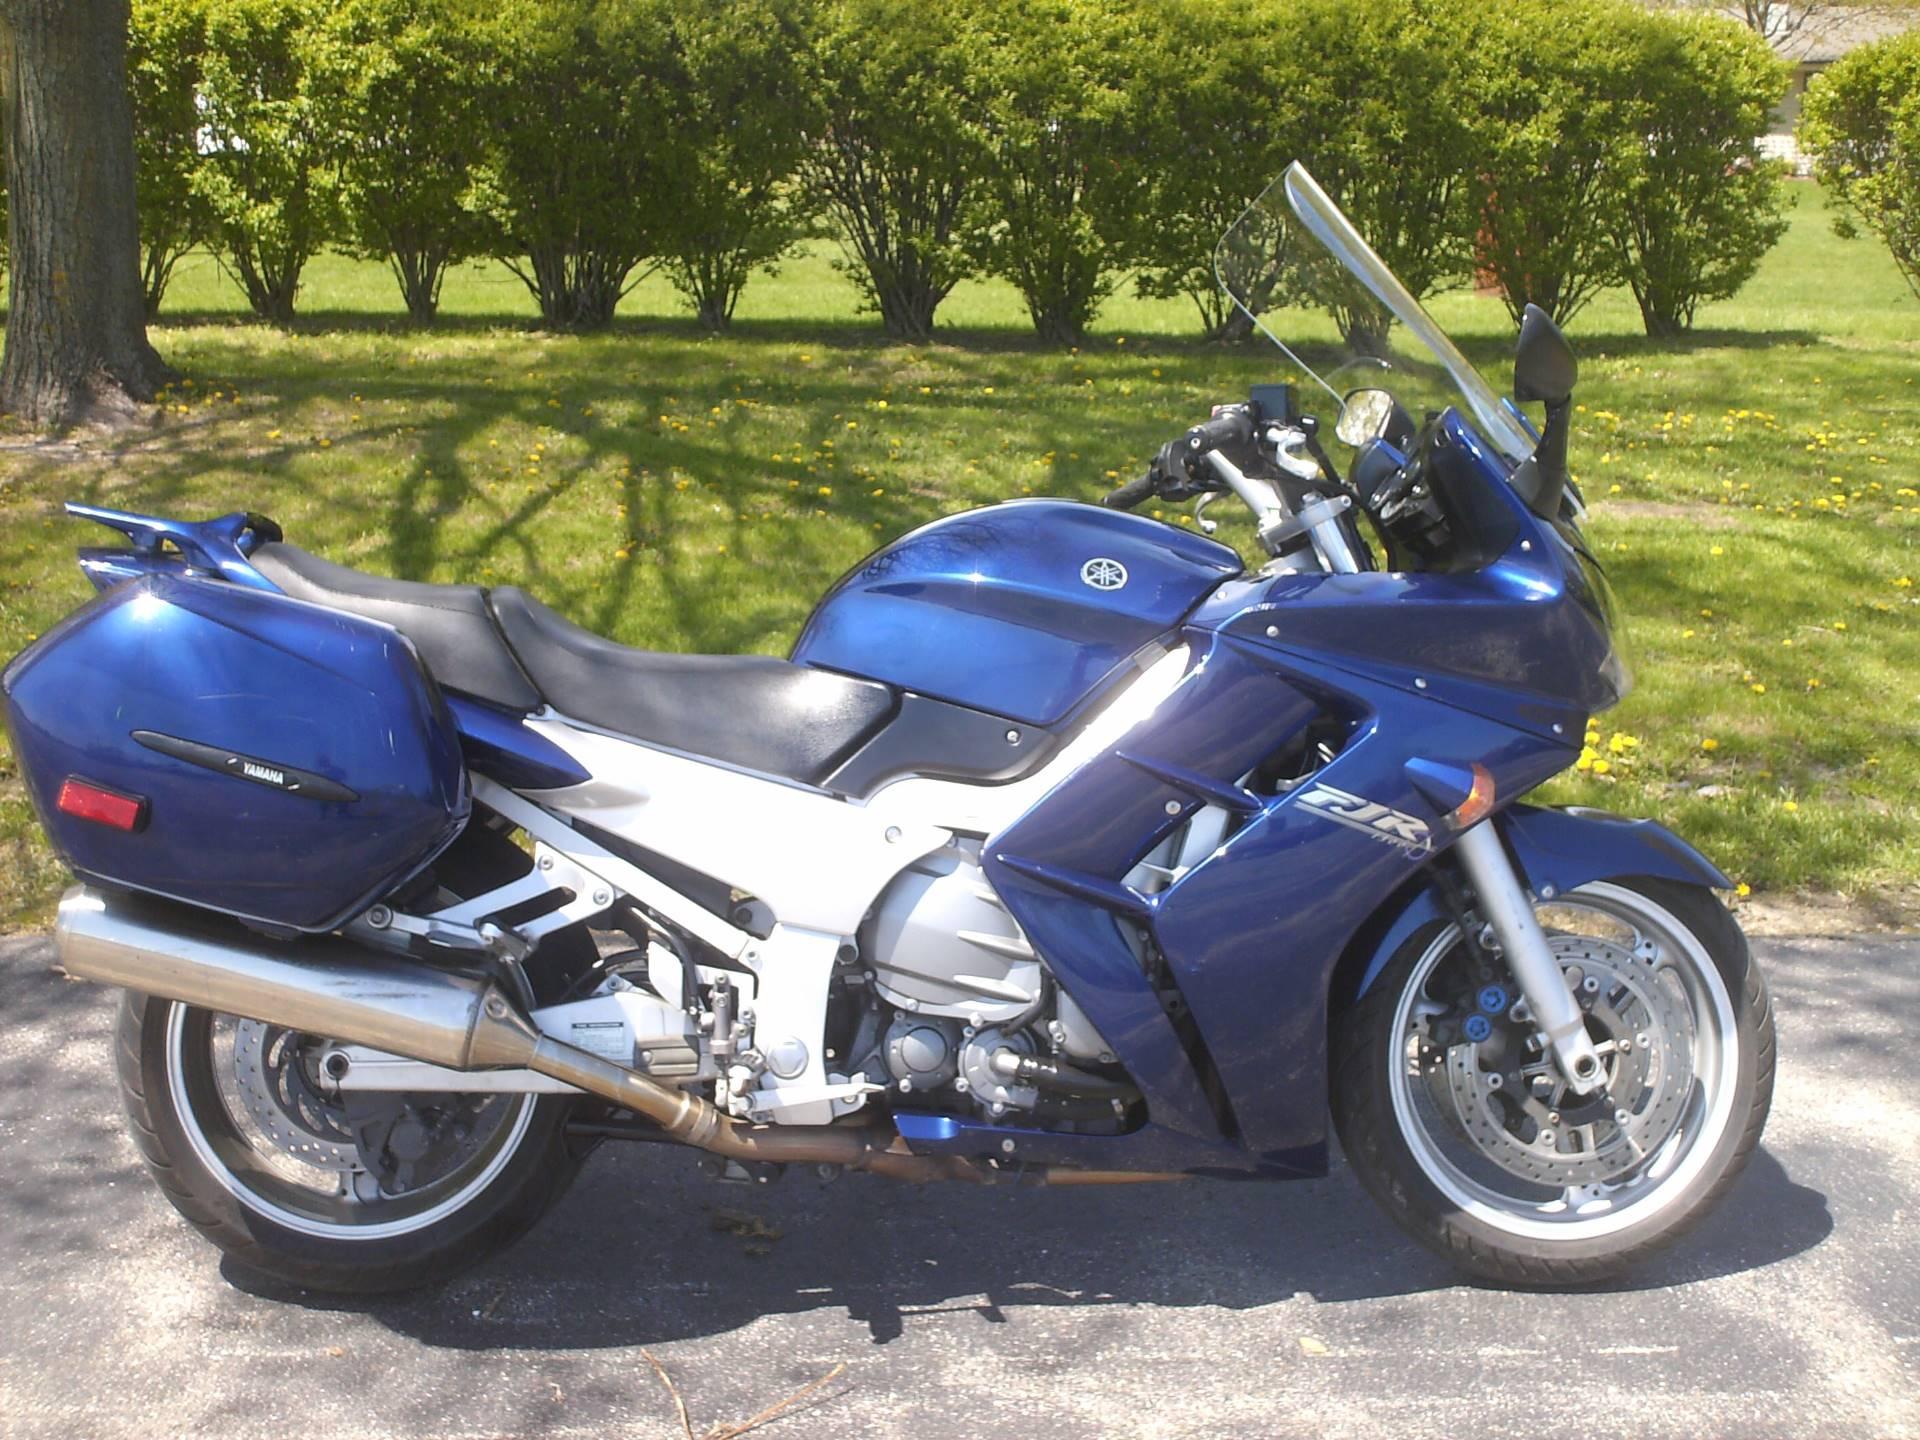 2005 Yamaha FJR 1300A for sale 22945